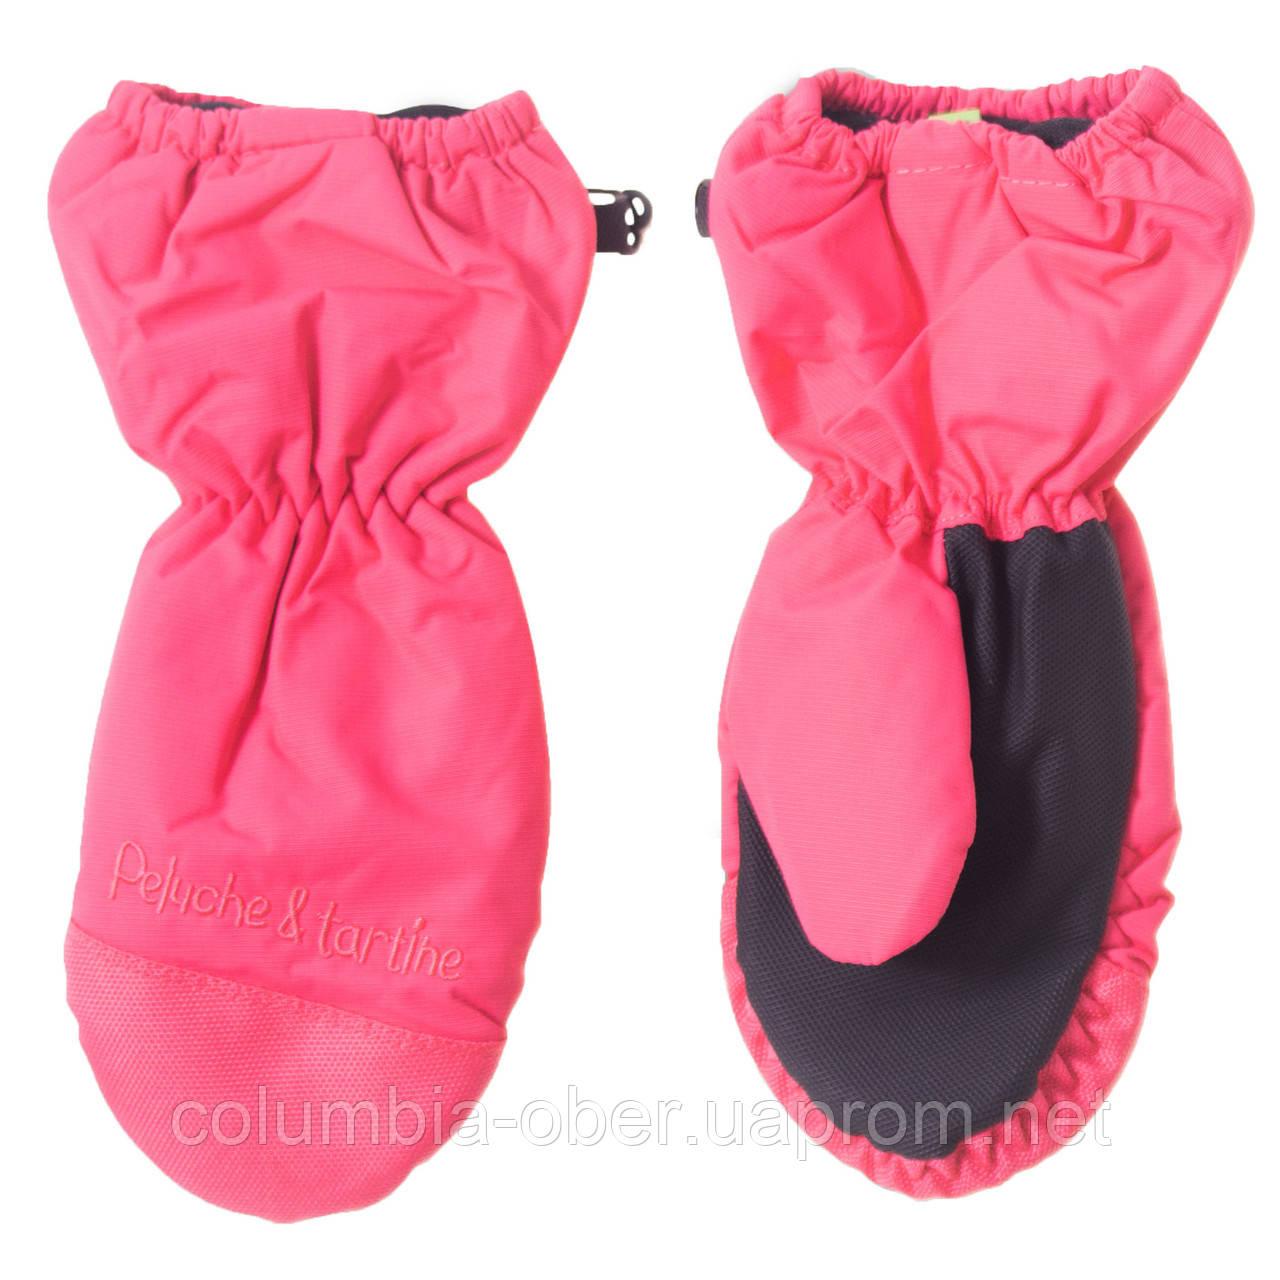 Зимние рукавицы - краги для девочки PELUCHE F18 MIT 62 EF Fraisnette. Размеры 3/4, 5/6 и  7/8.